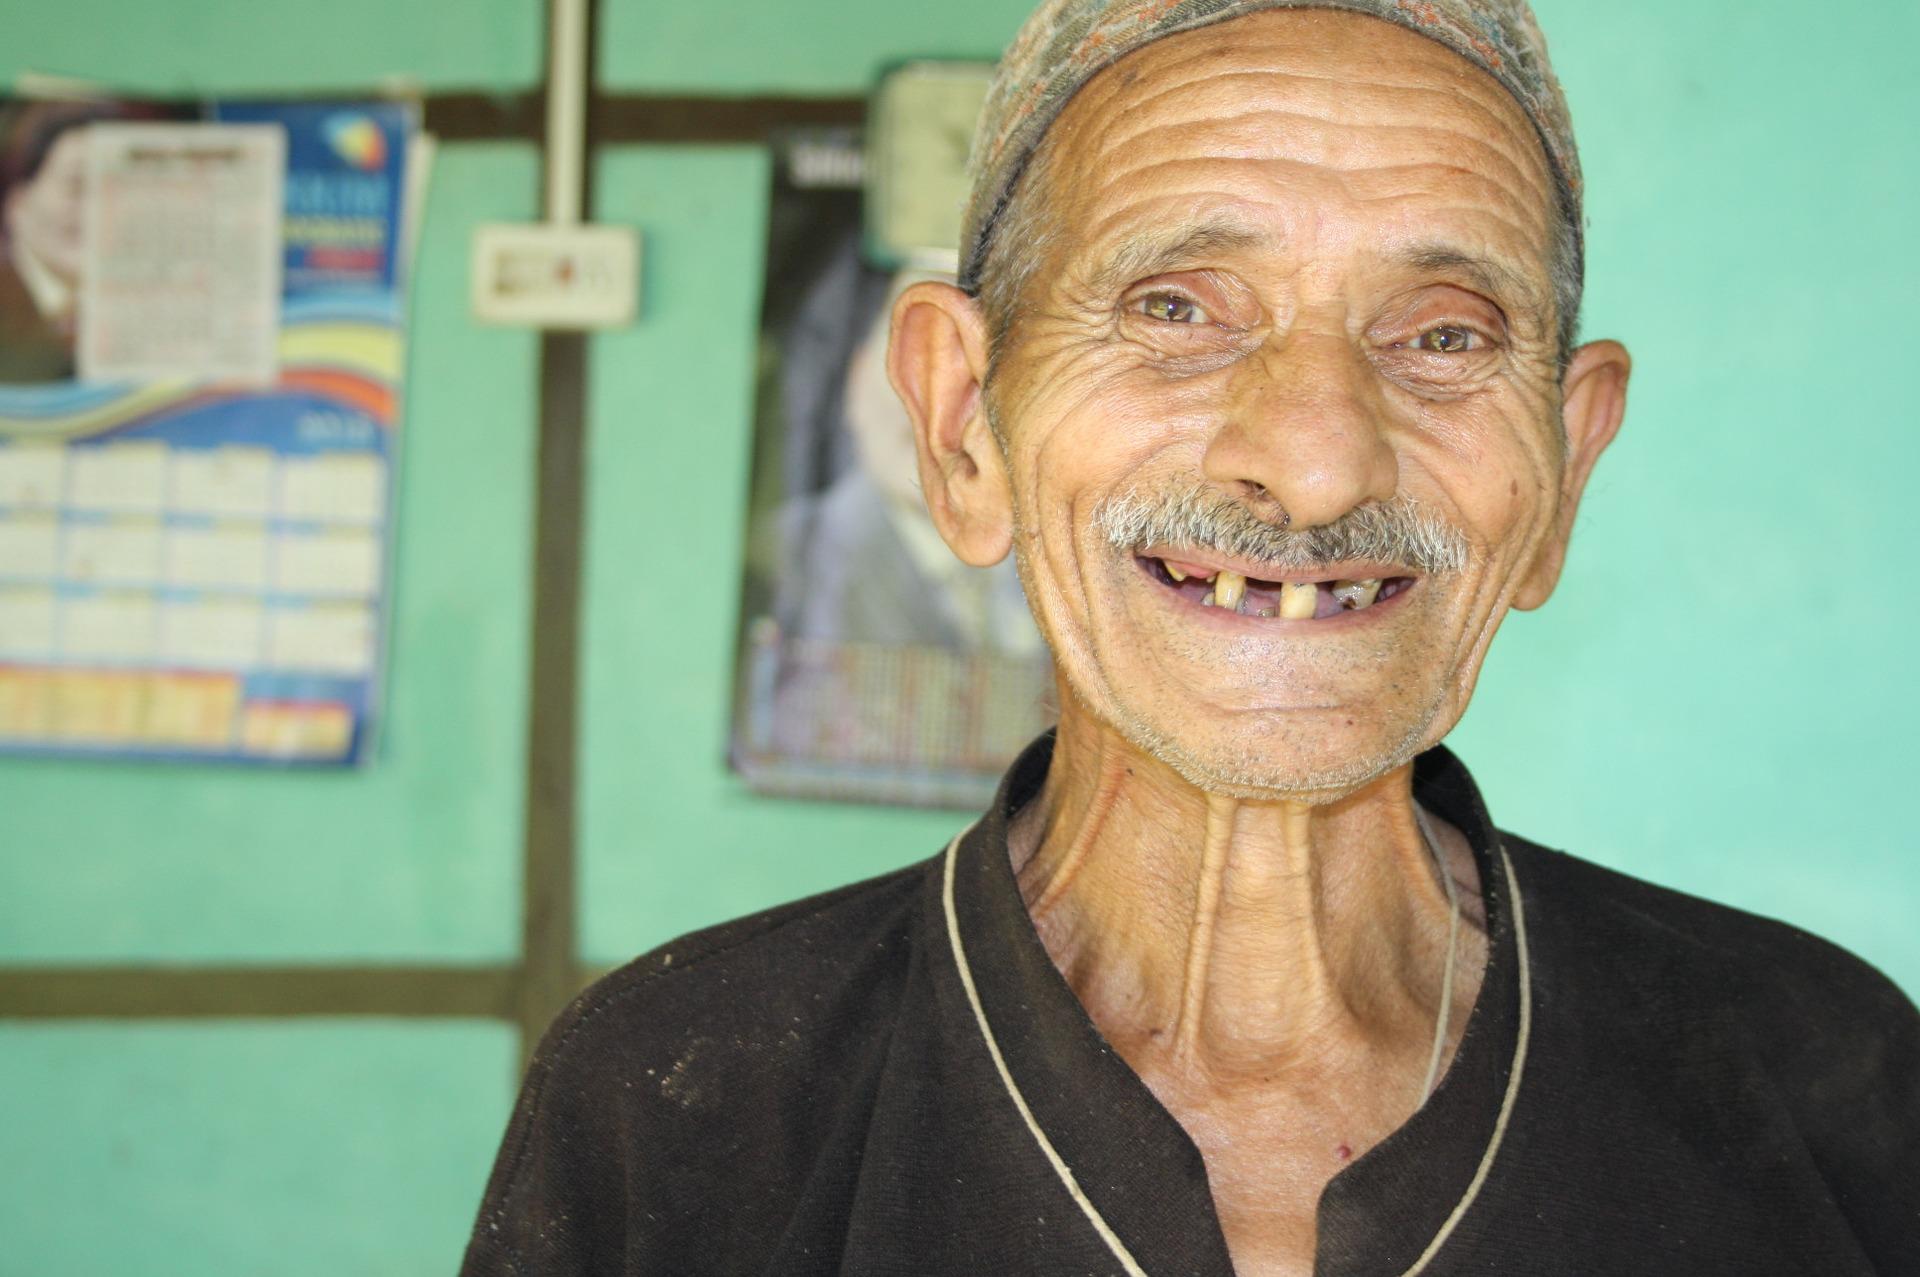 Glücklich-ohne-Zähne-Zahngesundheit-Halle - Zahnarzt Halle